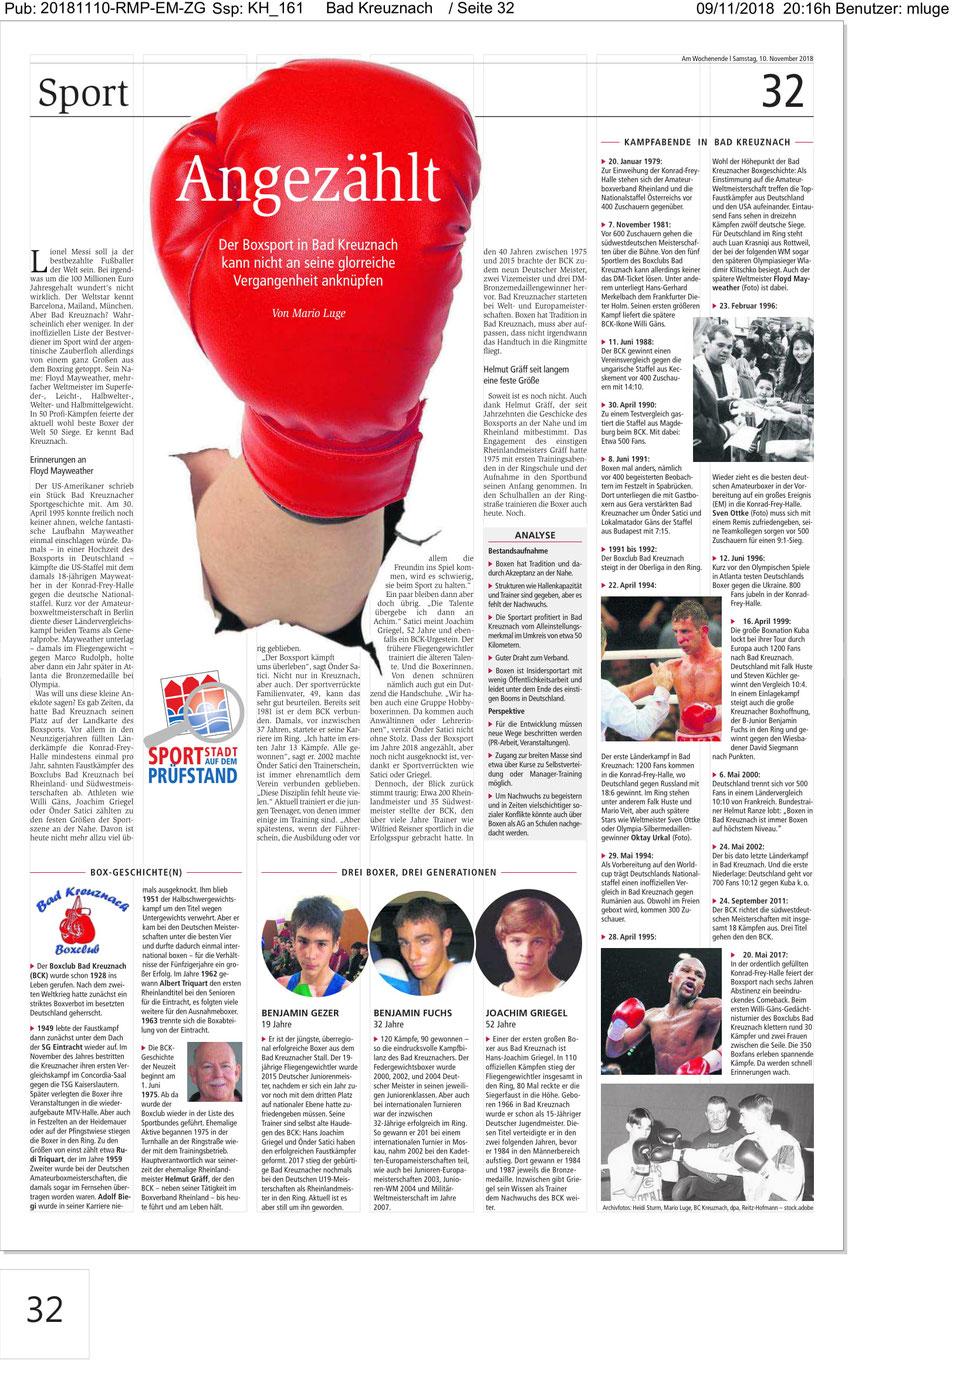 Sportredaktion Allgemeine Zeitung